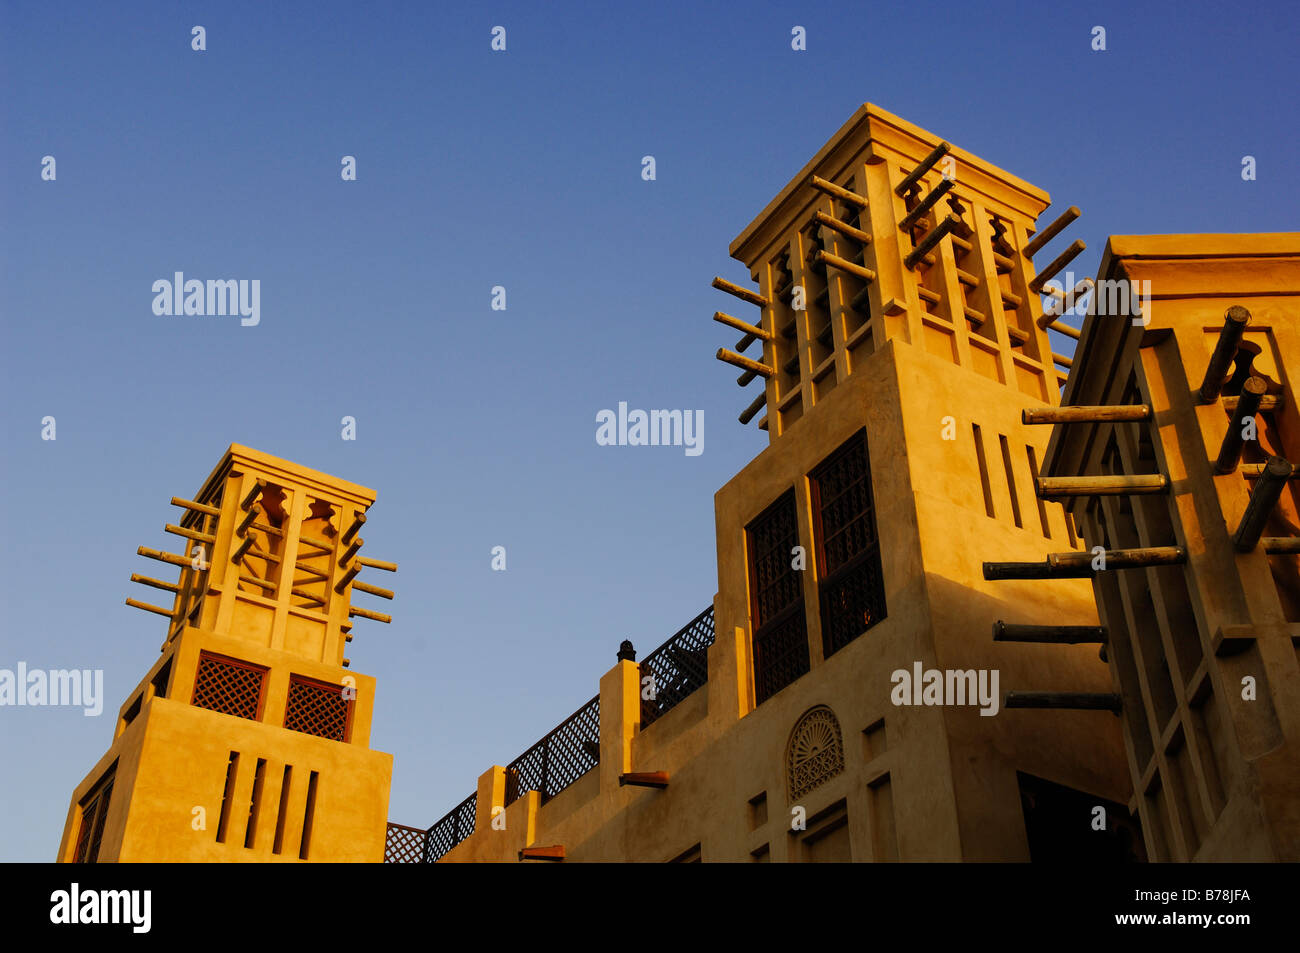 Madinat Jumeirah Hotel, leisure and business centrum, Dubaï, Émirats arabes unis, ÉMIRATS ARABES UNIS, Moyen Orient Banque D'Images